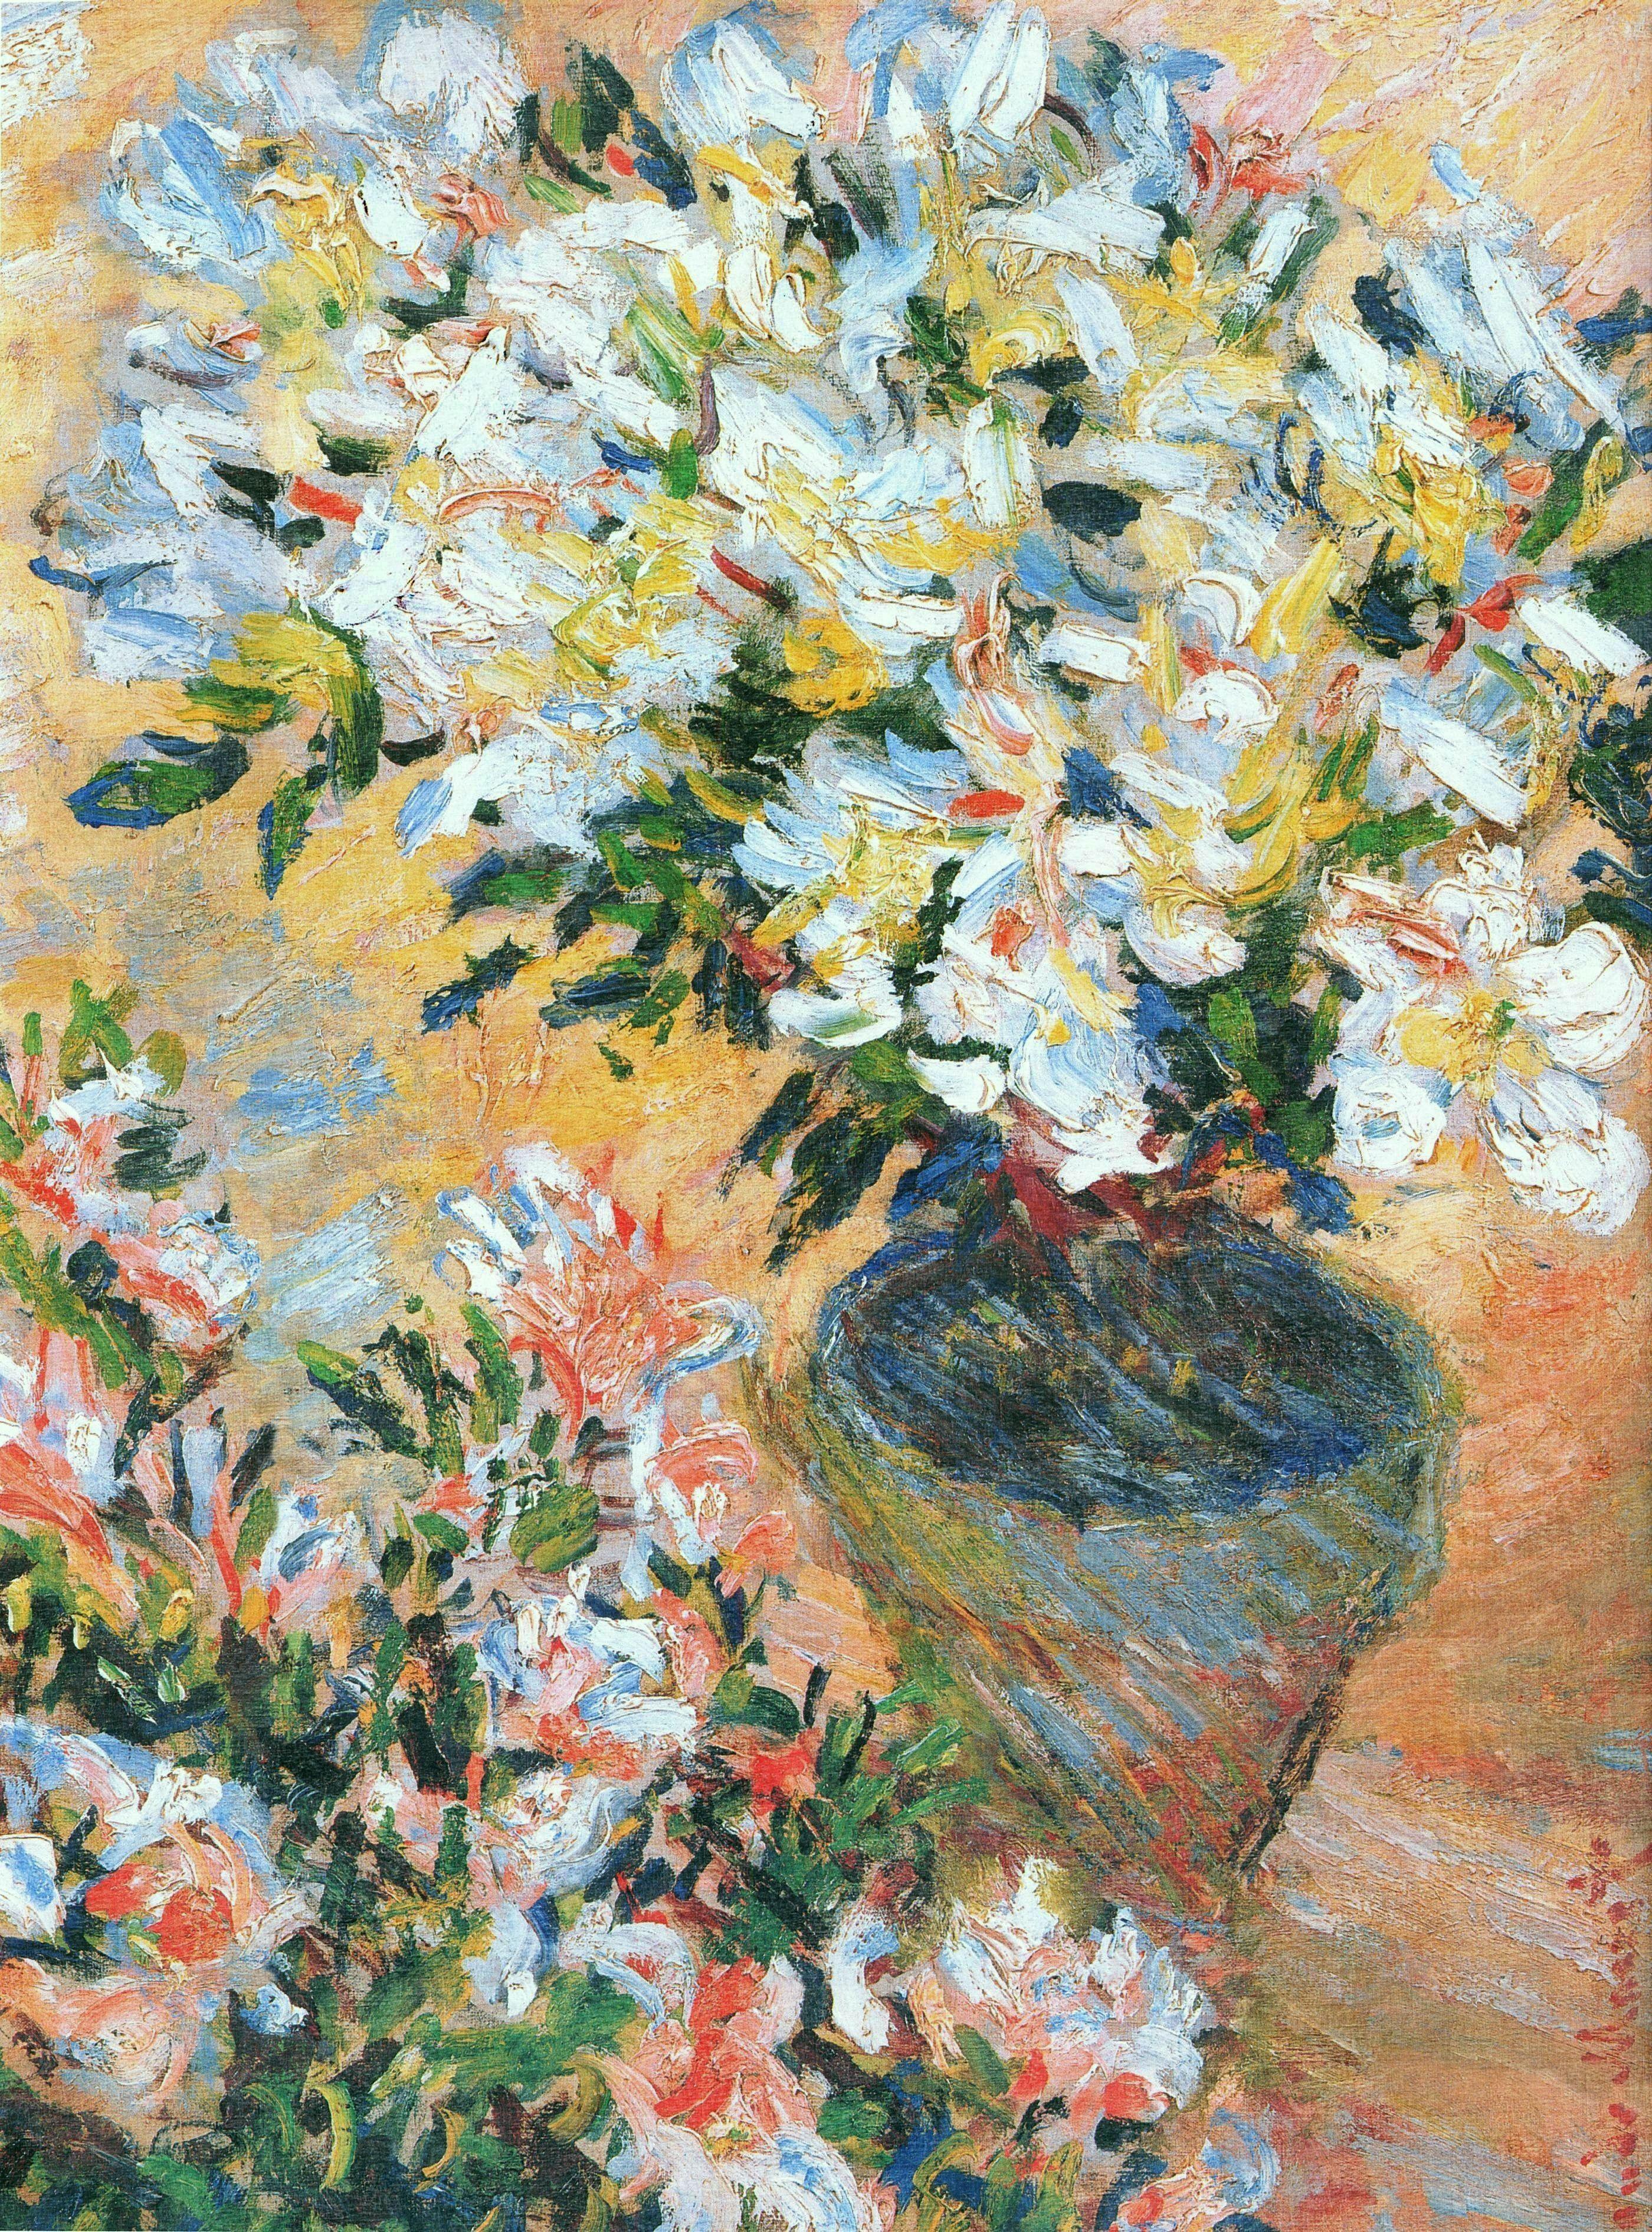 Artworks by Oscar Claude Monet (4 часть) (336 работ) » Страница 6 »  Картины, художники, фотографы на Nevsepic